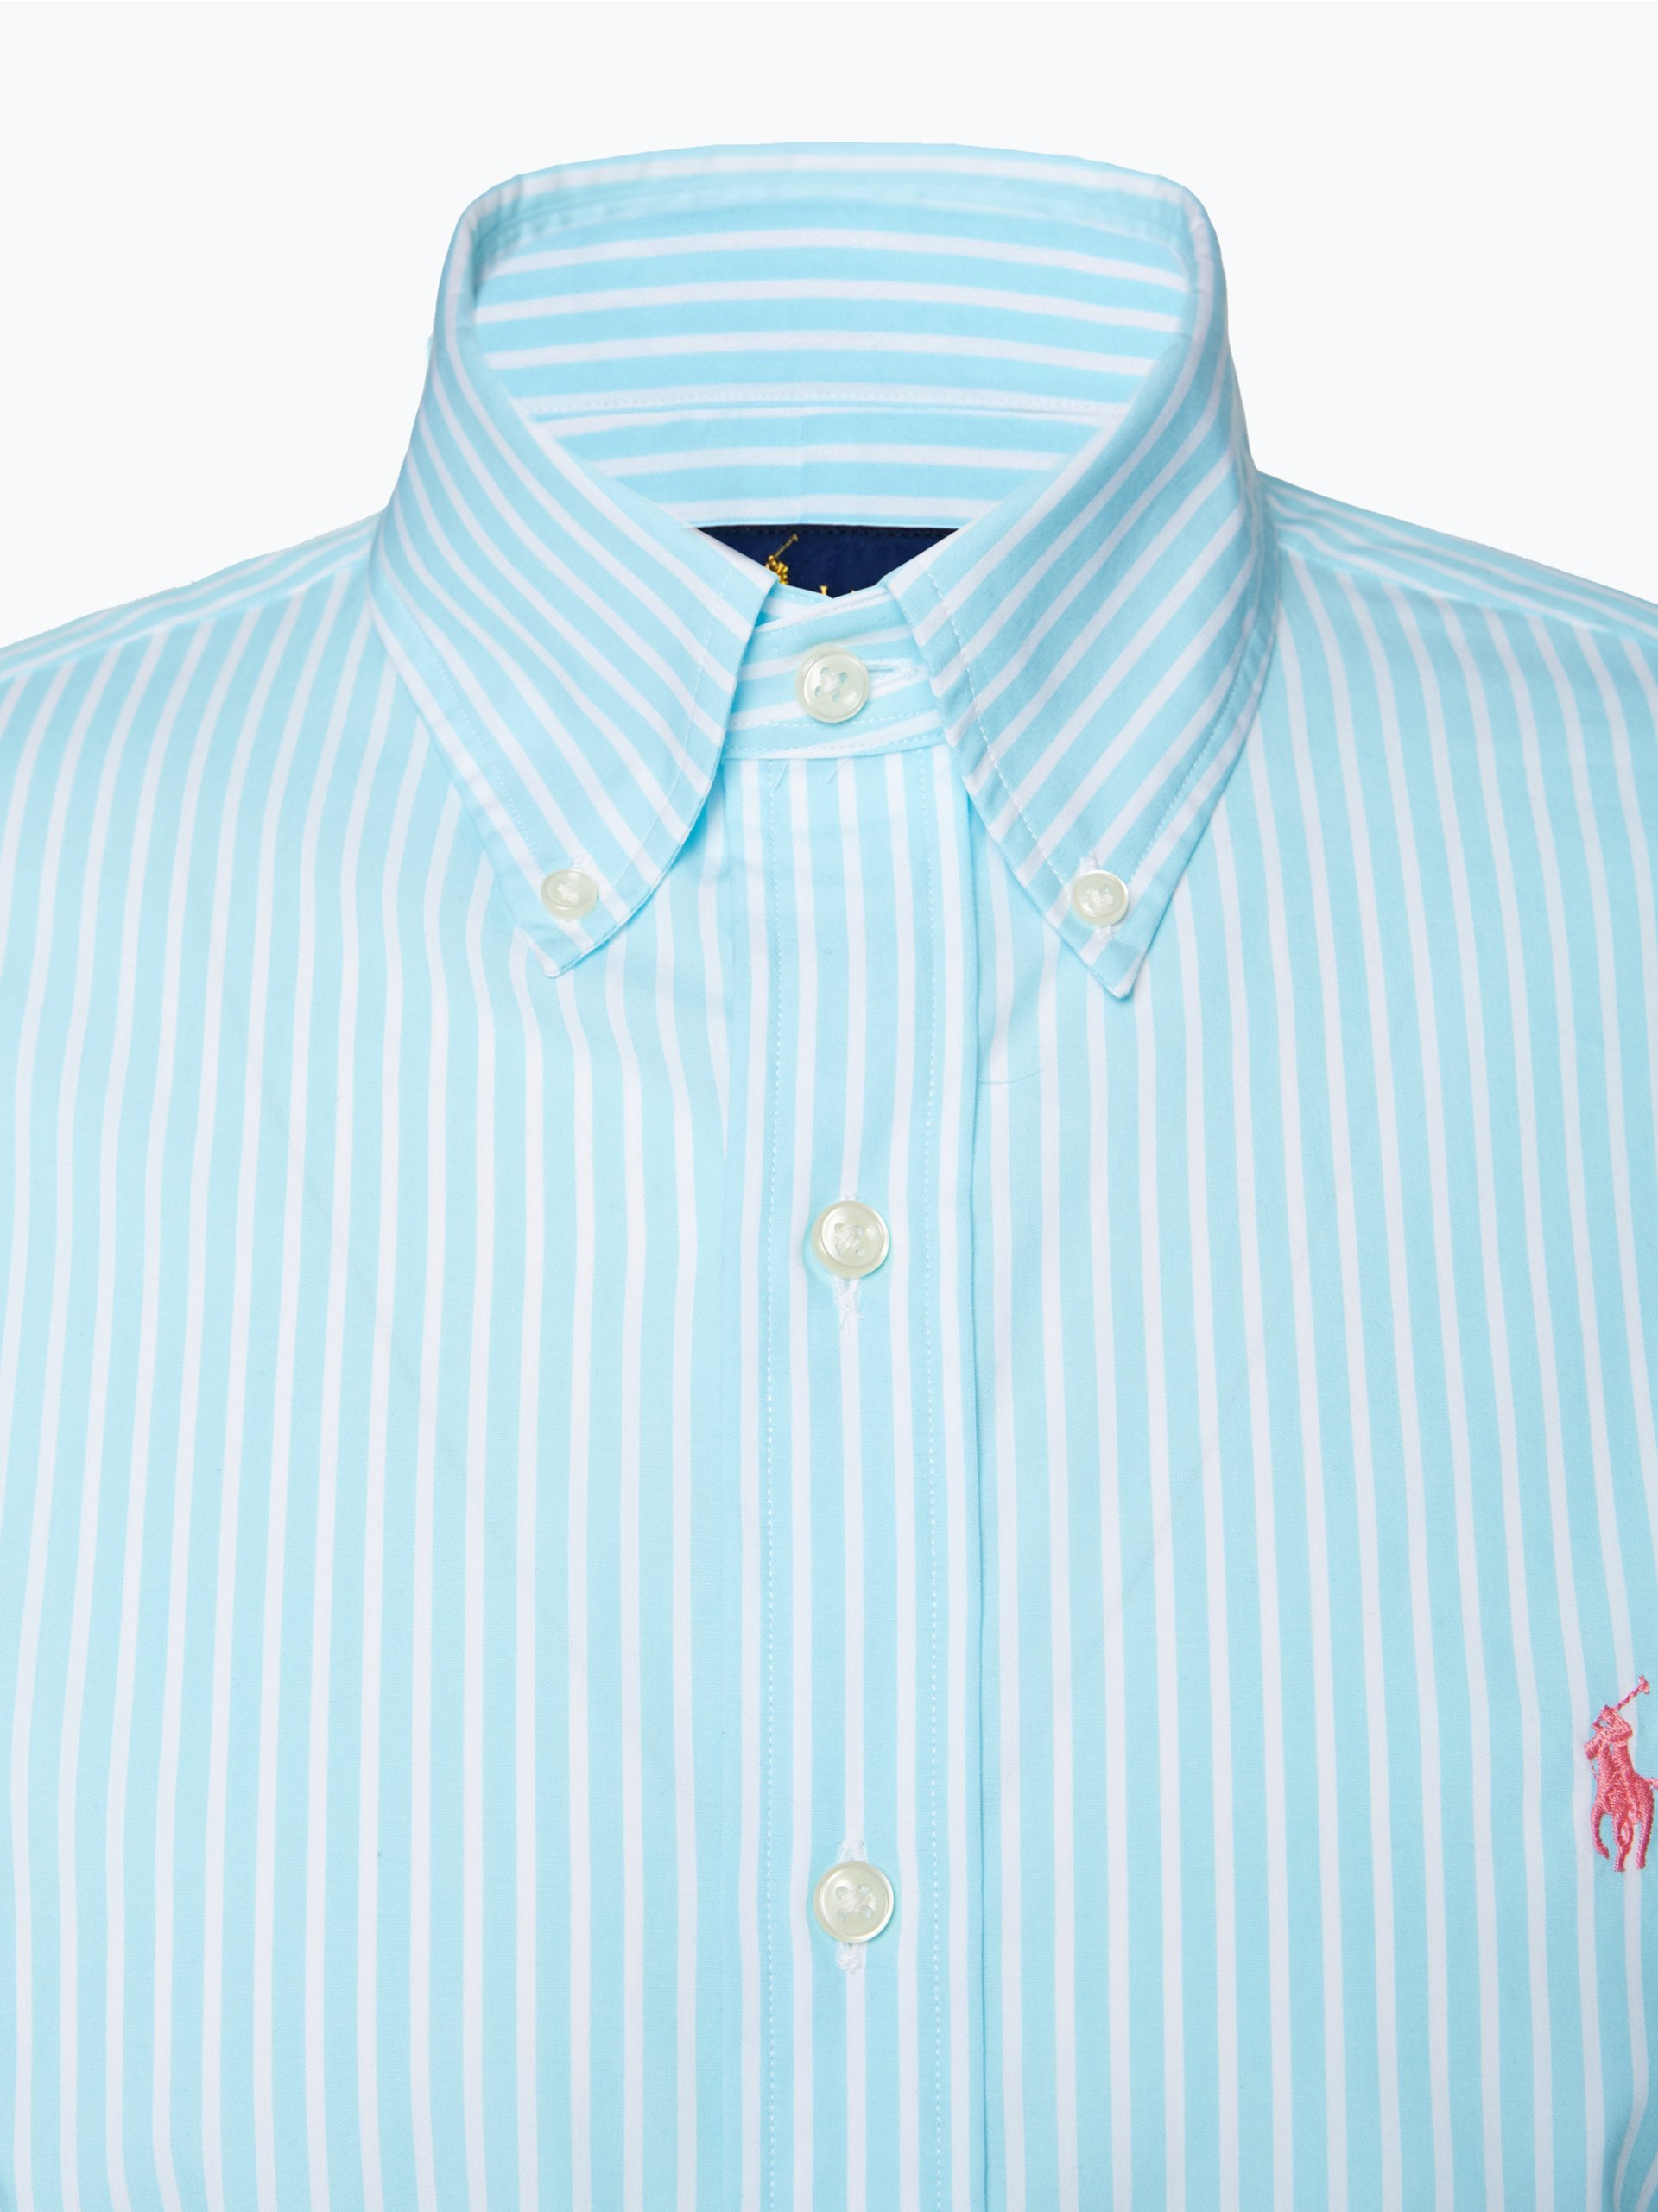 polo ralph lauren herren hemd blau gestreift online kaufen vangraaf com. Black Bedroom Furniture Sets. Home Design Ideas